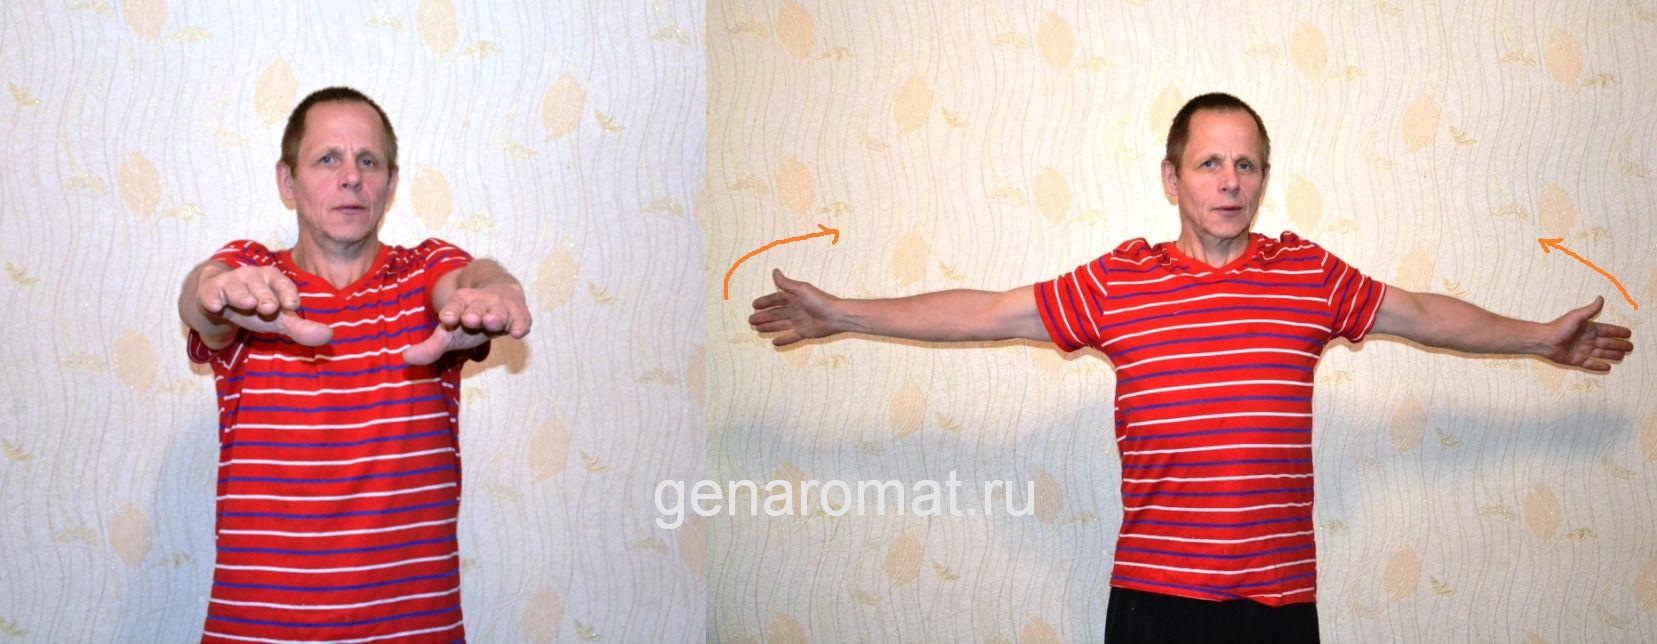 Упражнения для плеча-3